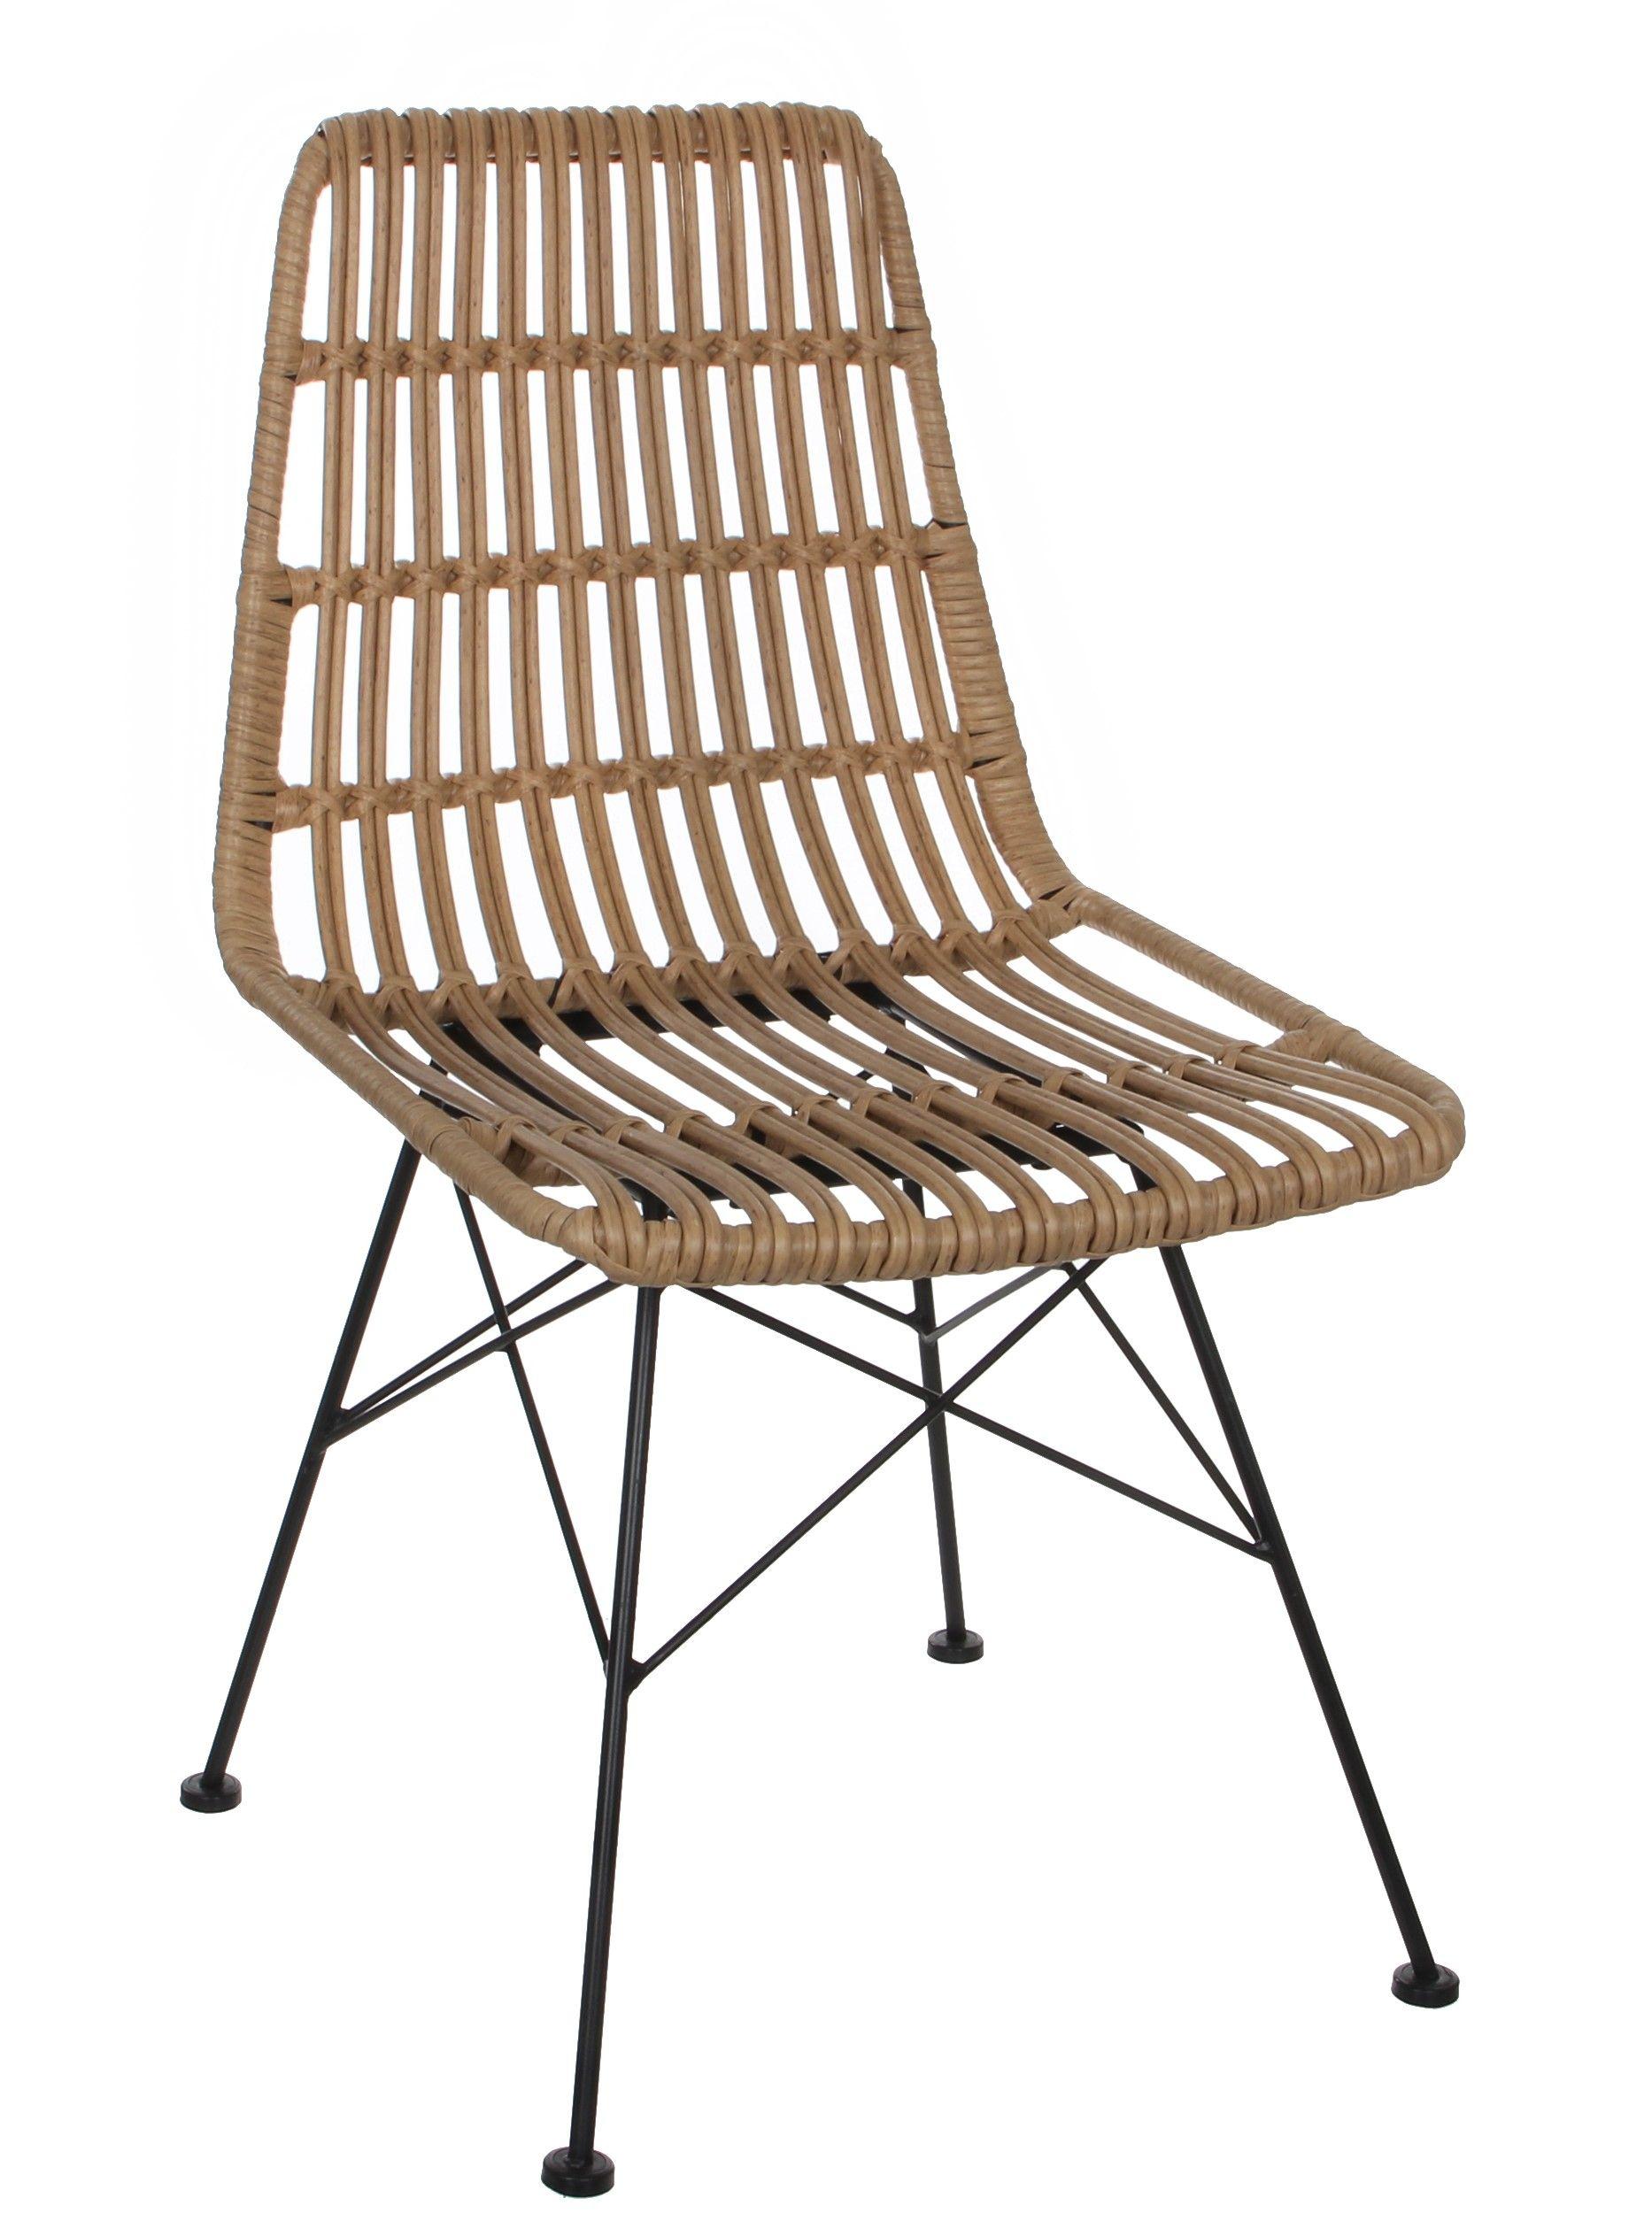 Chaise De Jardin Style Rotin Ajoure Couleur Naturelle Et Pieds Metal 47x56x85cm Avec Images Chaise De Jardin Chaise Couleur Naturelle